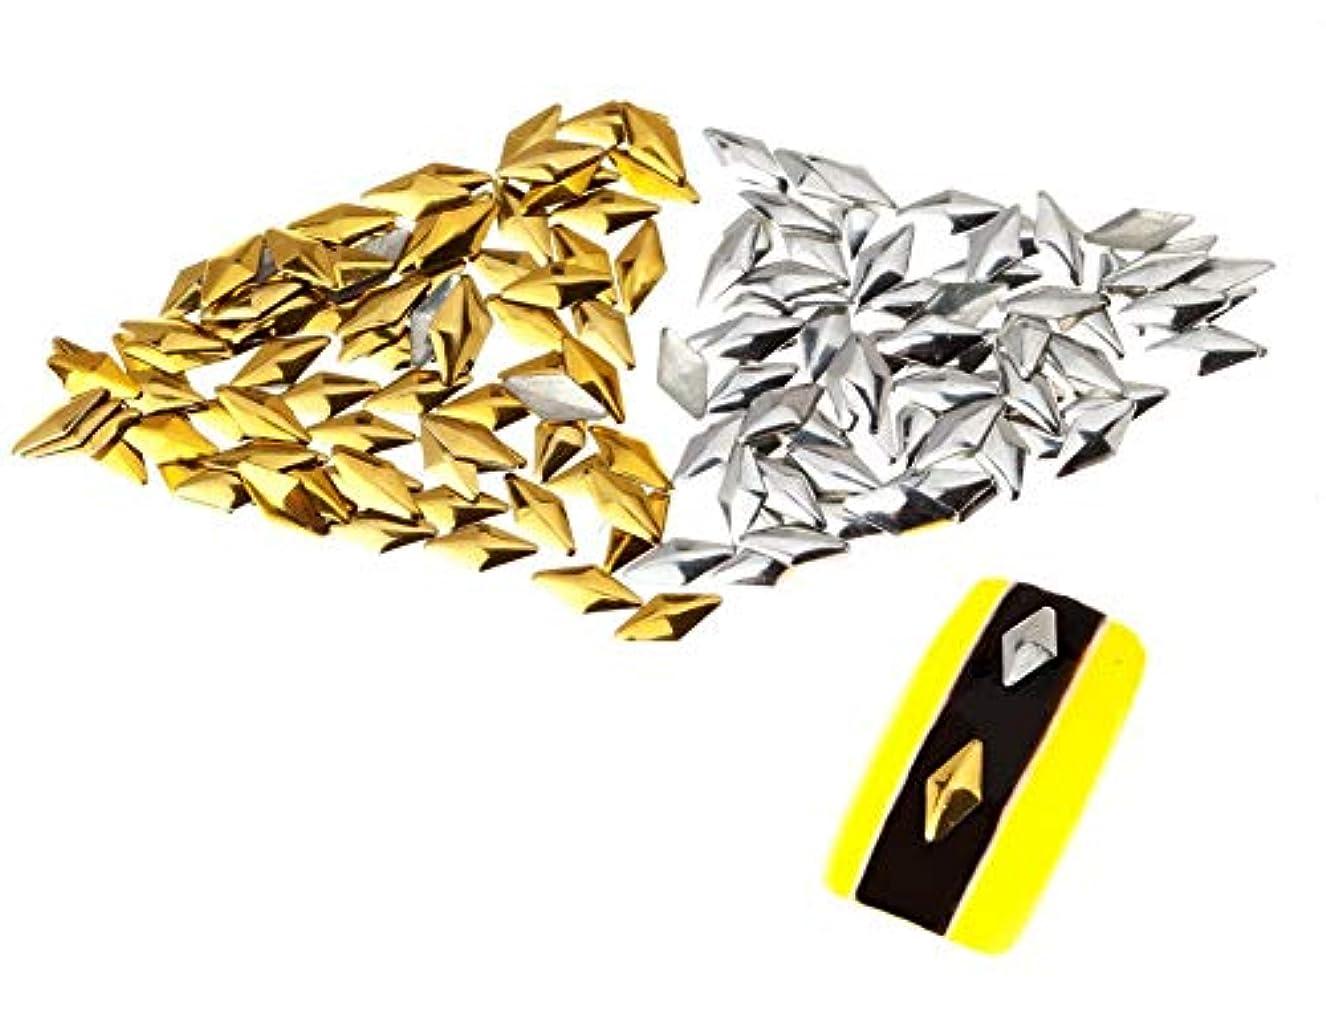 娘ソフトウェア熟読する250個の3mmシルバーおよびゴールドダイヤモンド型メタルスタッドマニキュアネイルアートデコレーションのプレミアムセット